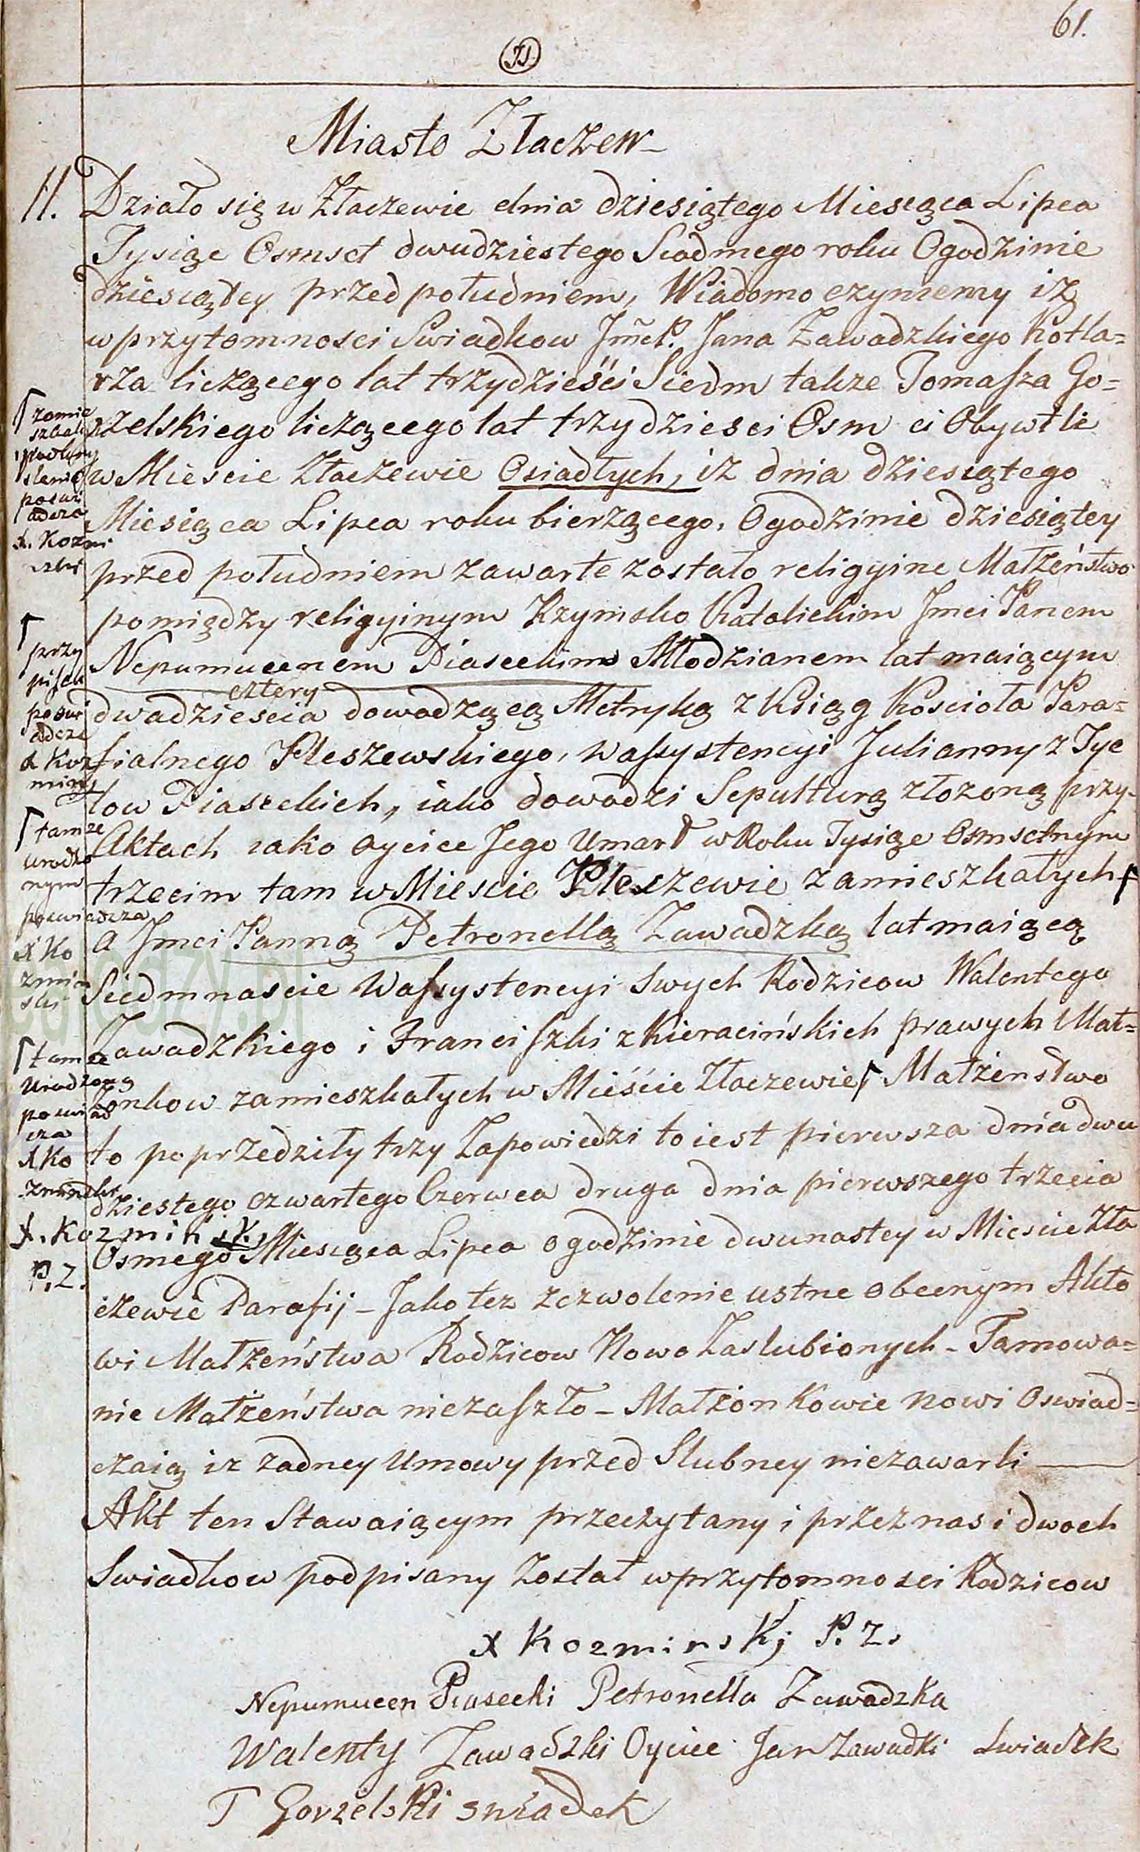 Akt stanu cywilnego małżeństwa Jan Nepomucen Piasecki & Petronella Zawadzka 10.07.1827 r.